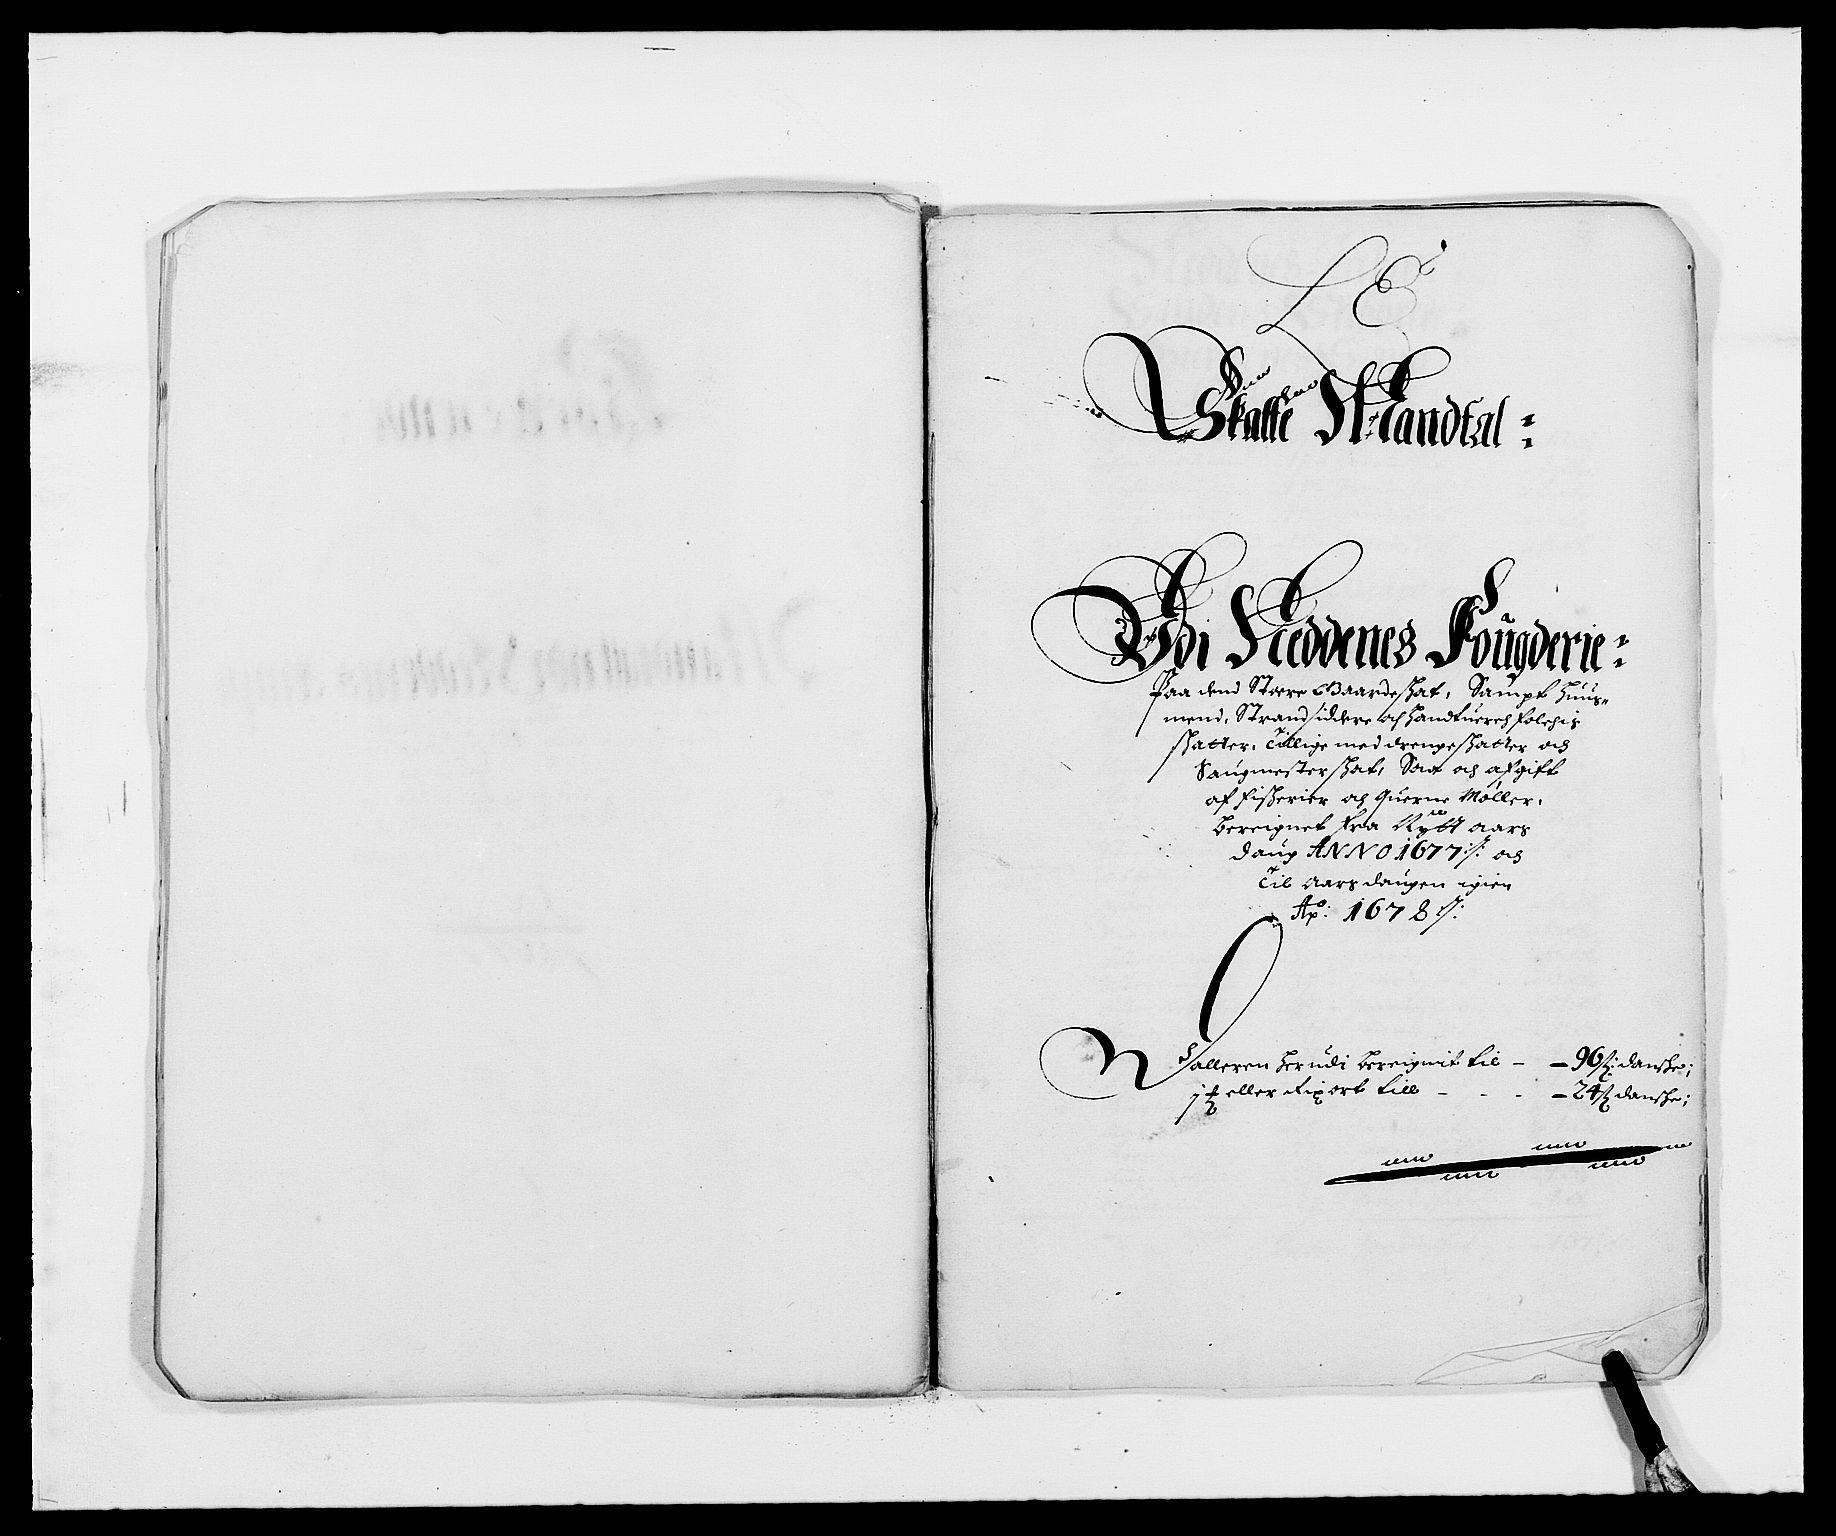 RA, Rentekammeret inntil 1814, Reviderte regnskaper, Fogderegnskap, R39/L2302: Fogderegnskap Nedenes, 1677-1678, s. 108